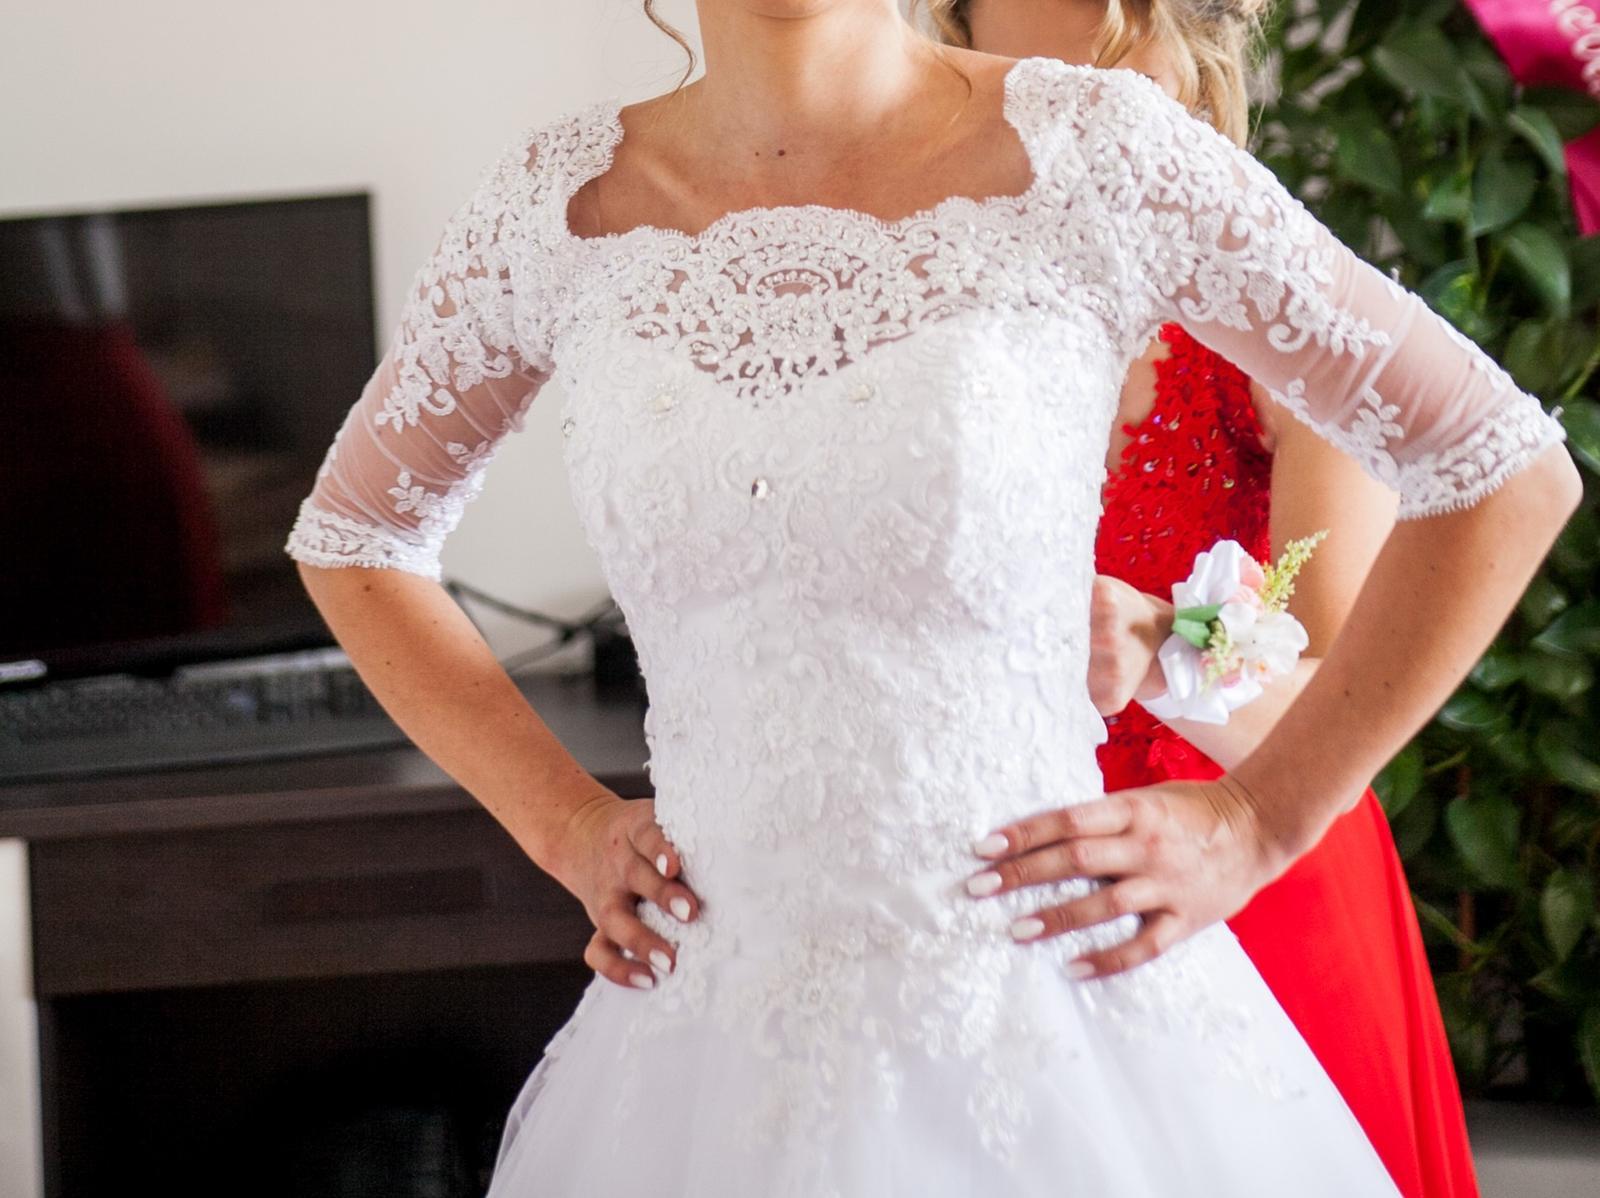 Svadobné šaty 32-34 - Obrázok č. 2